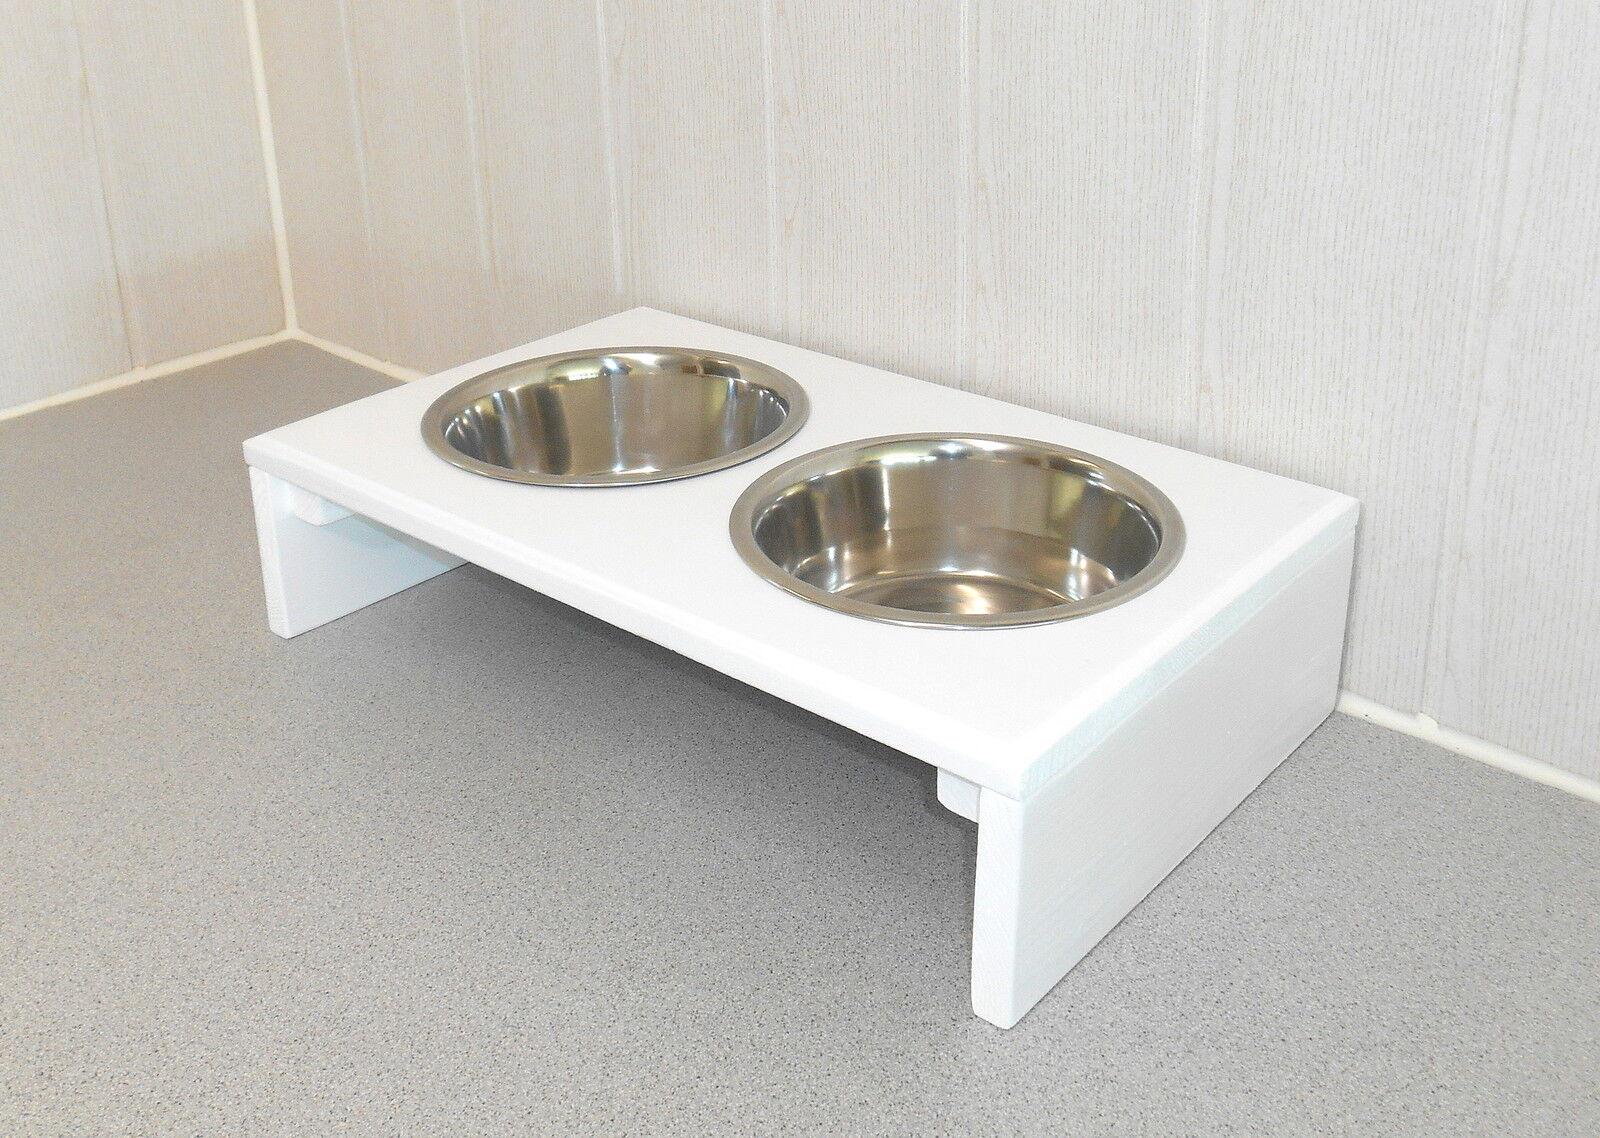 Hundenapf   Hundebar   Futternapf   -Buche- -Buche- -Buche-  weiß. sehr gr. Näpfe  10cm (14g)  | Moderne und elegante Mode  de1edc